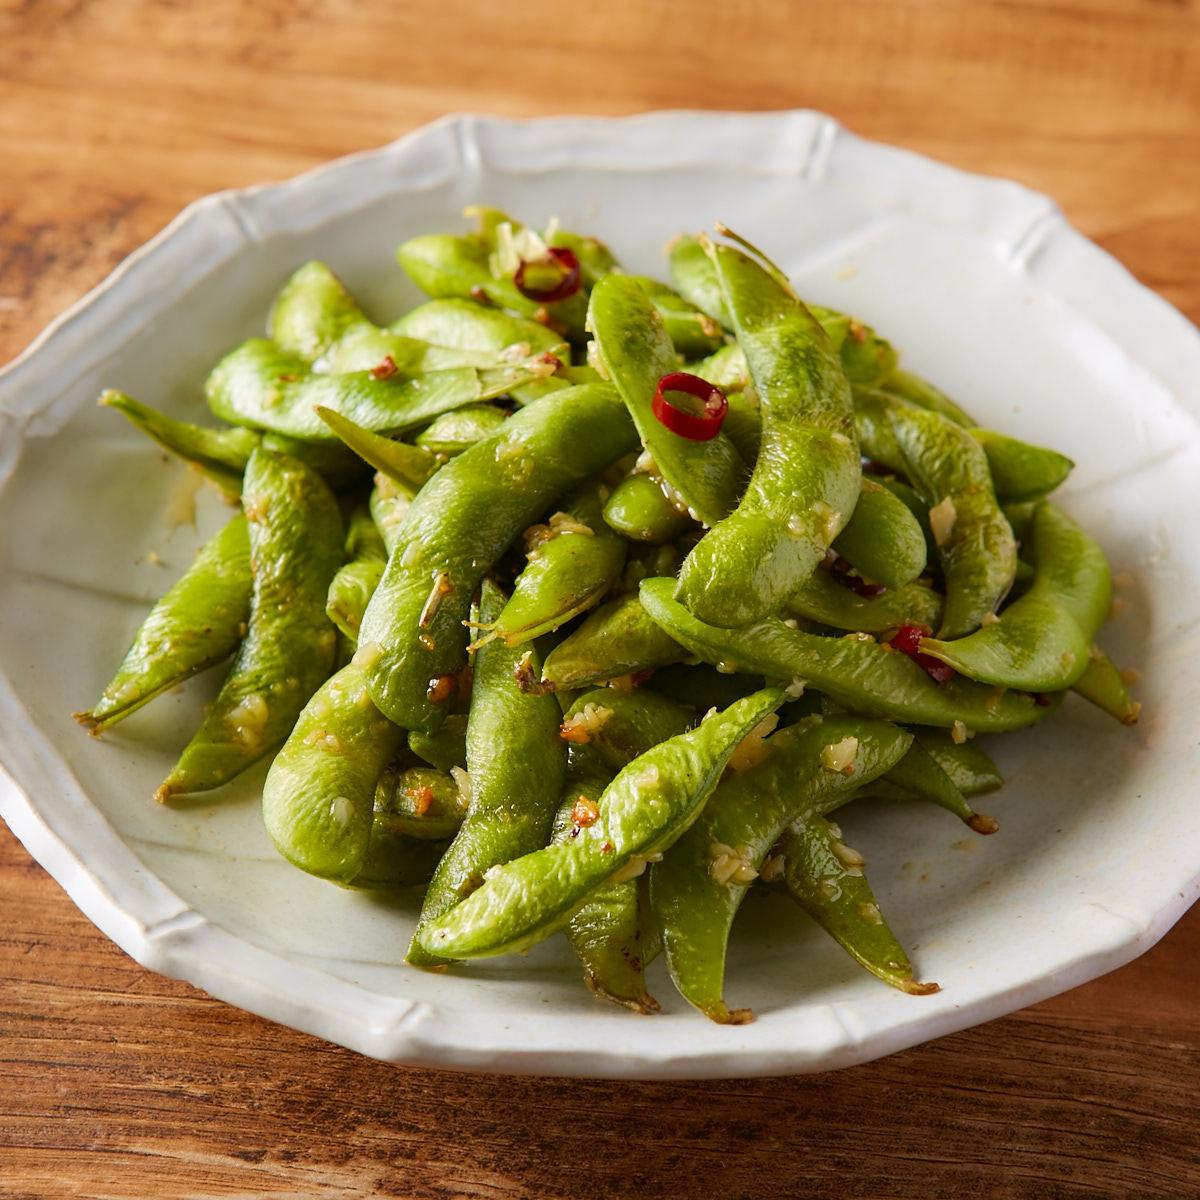 ぺペロン枝豆